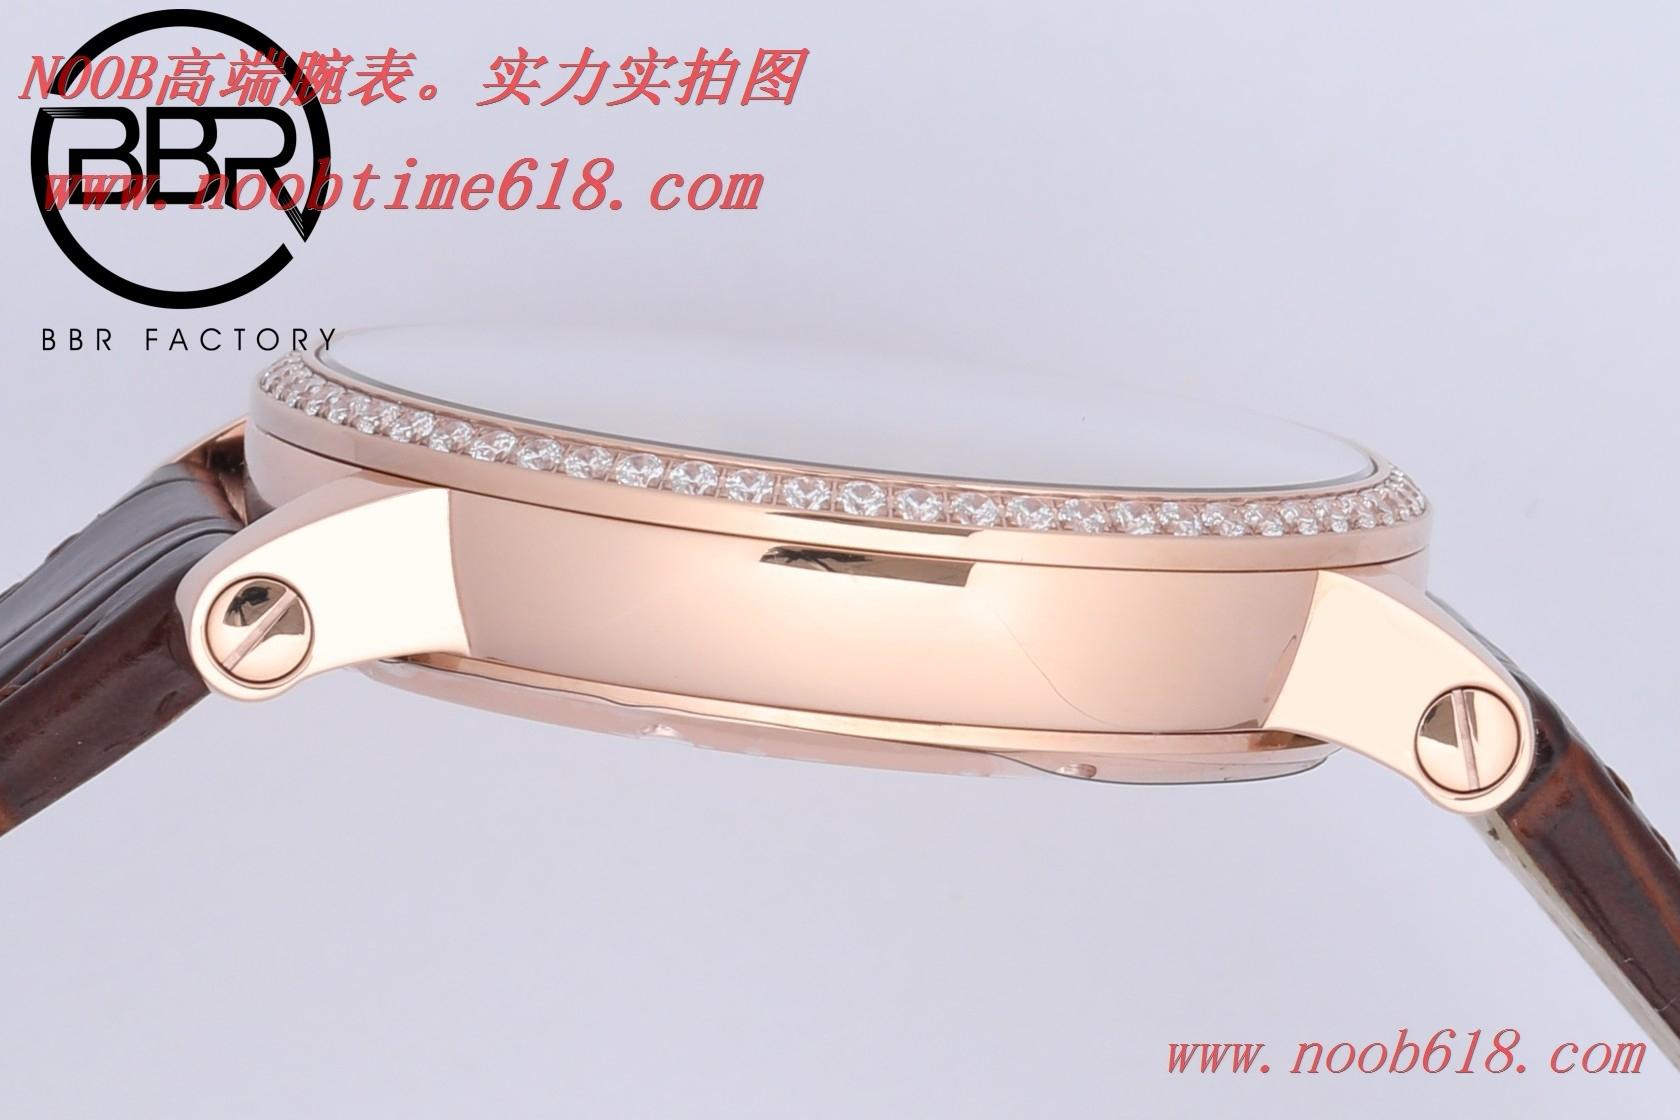 改裝錶,精仿手錶,REPLICA WATCH BBR factory卡地亞ROTONDE DE CARTER 系列型號:HPI00593,N廠手錶